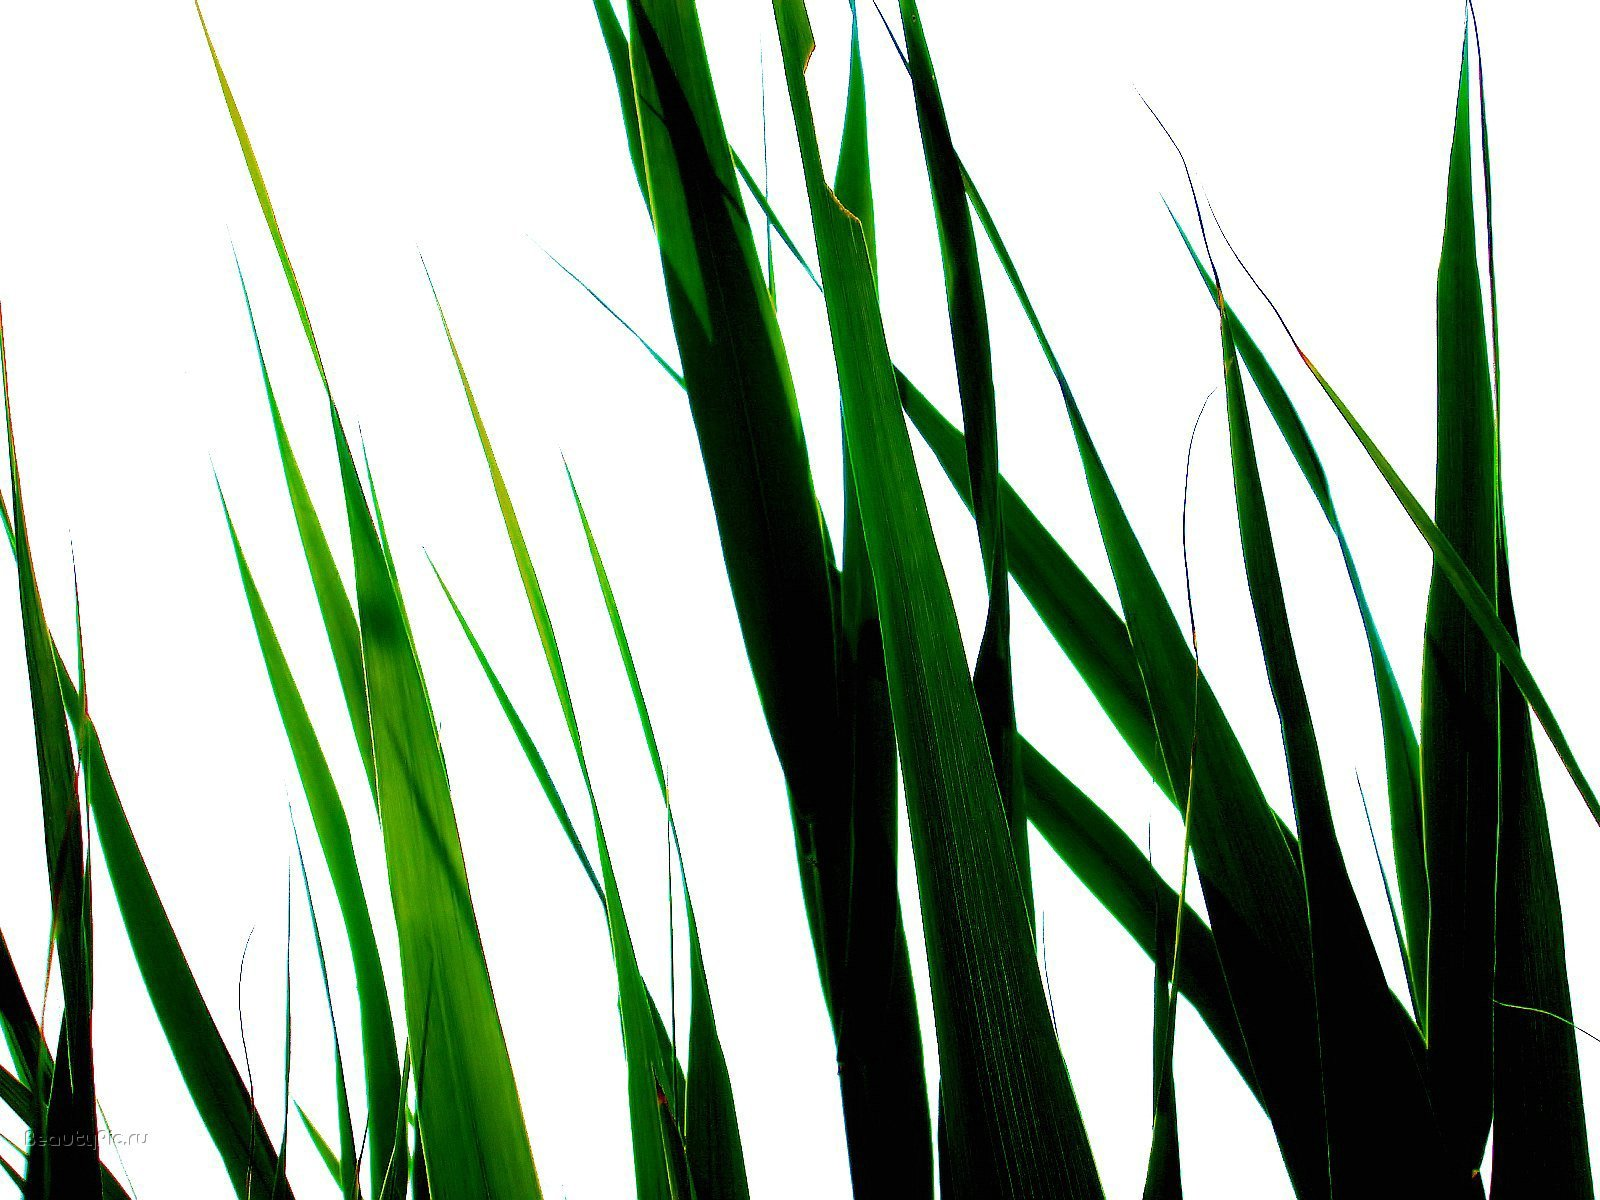 10918 скачать обои Растения, Трава, Фон - заставки и картинки бесплатно